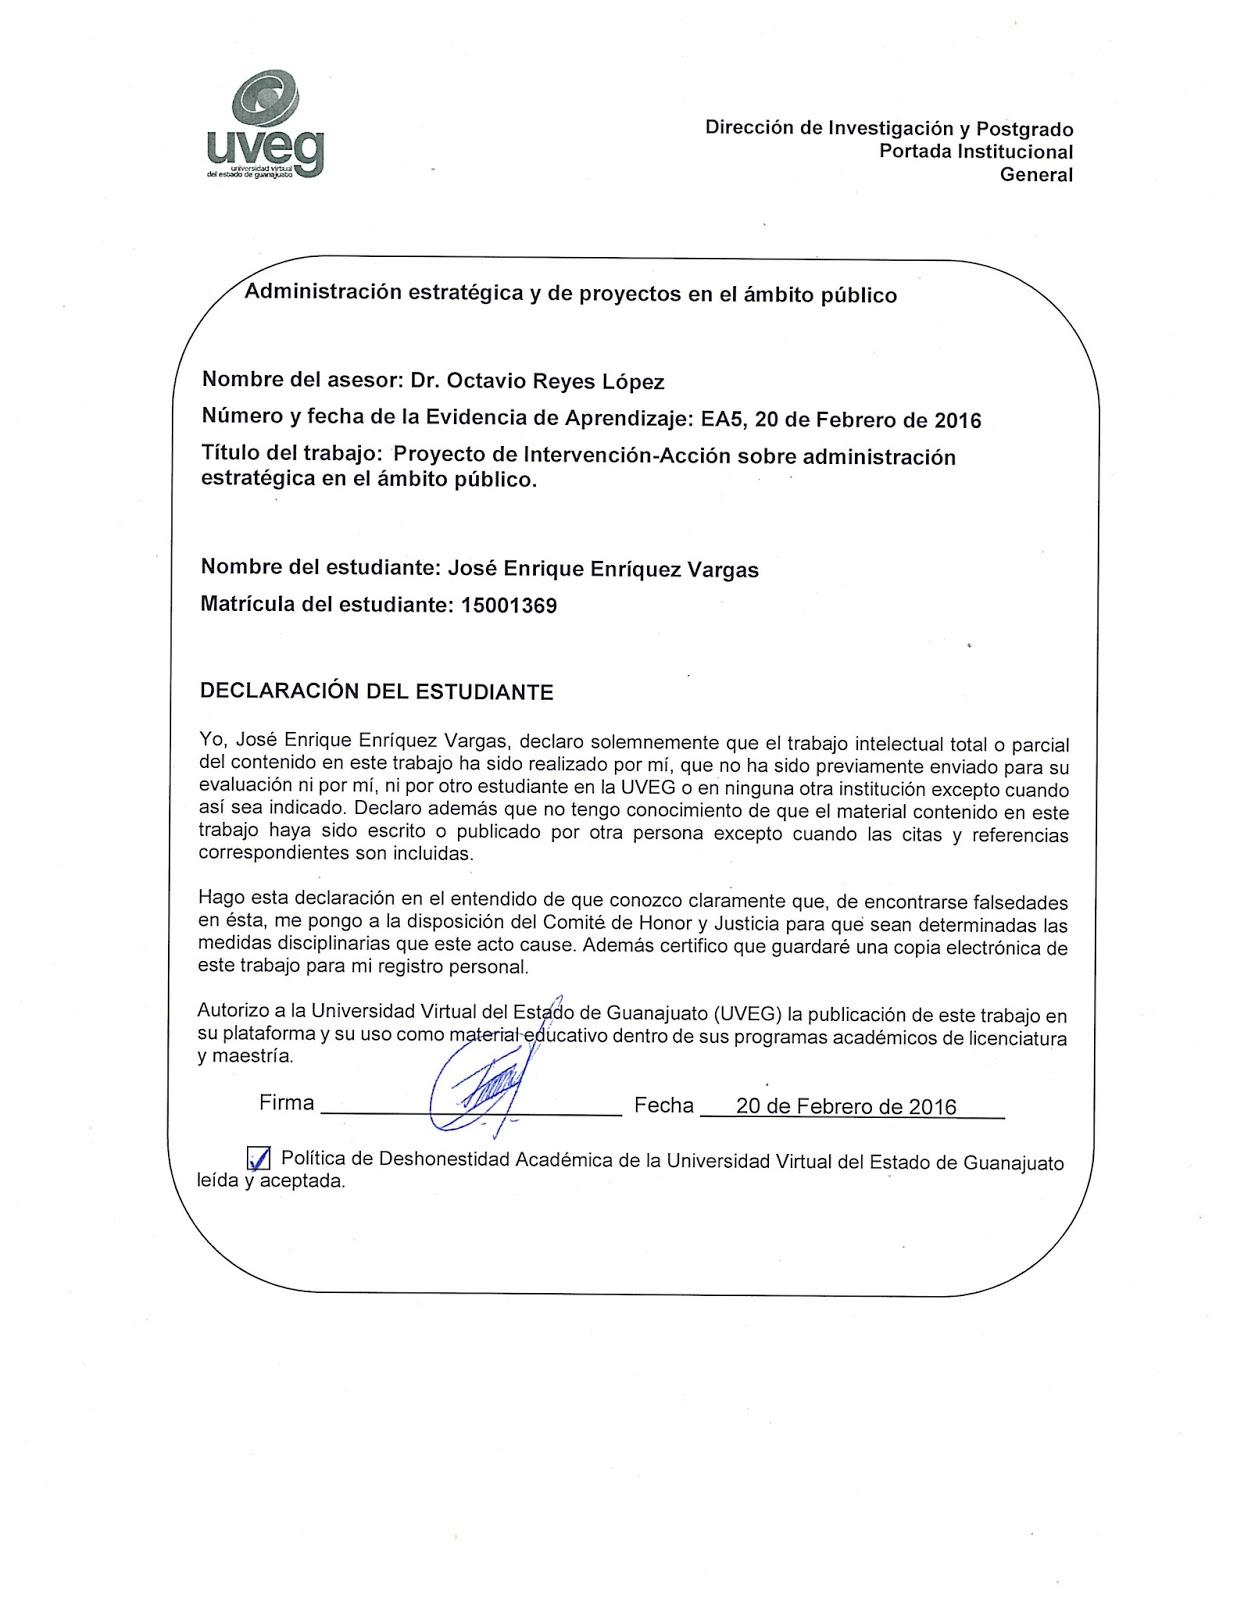 Administración estratégica y de proyectos en el ámbito público-15001369